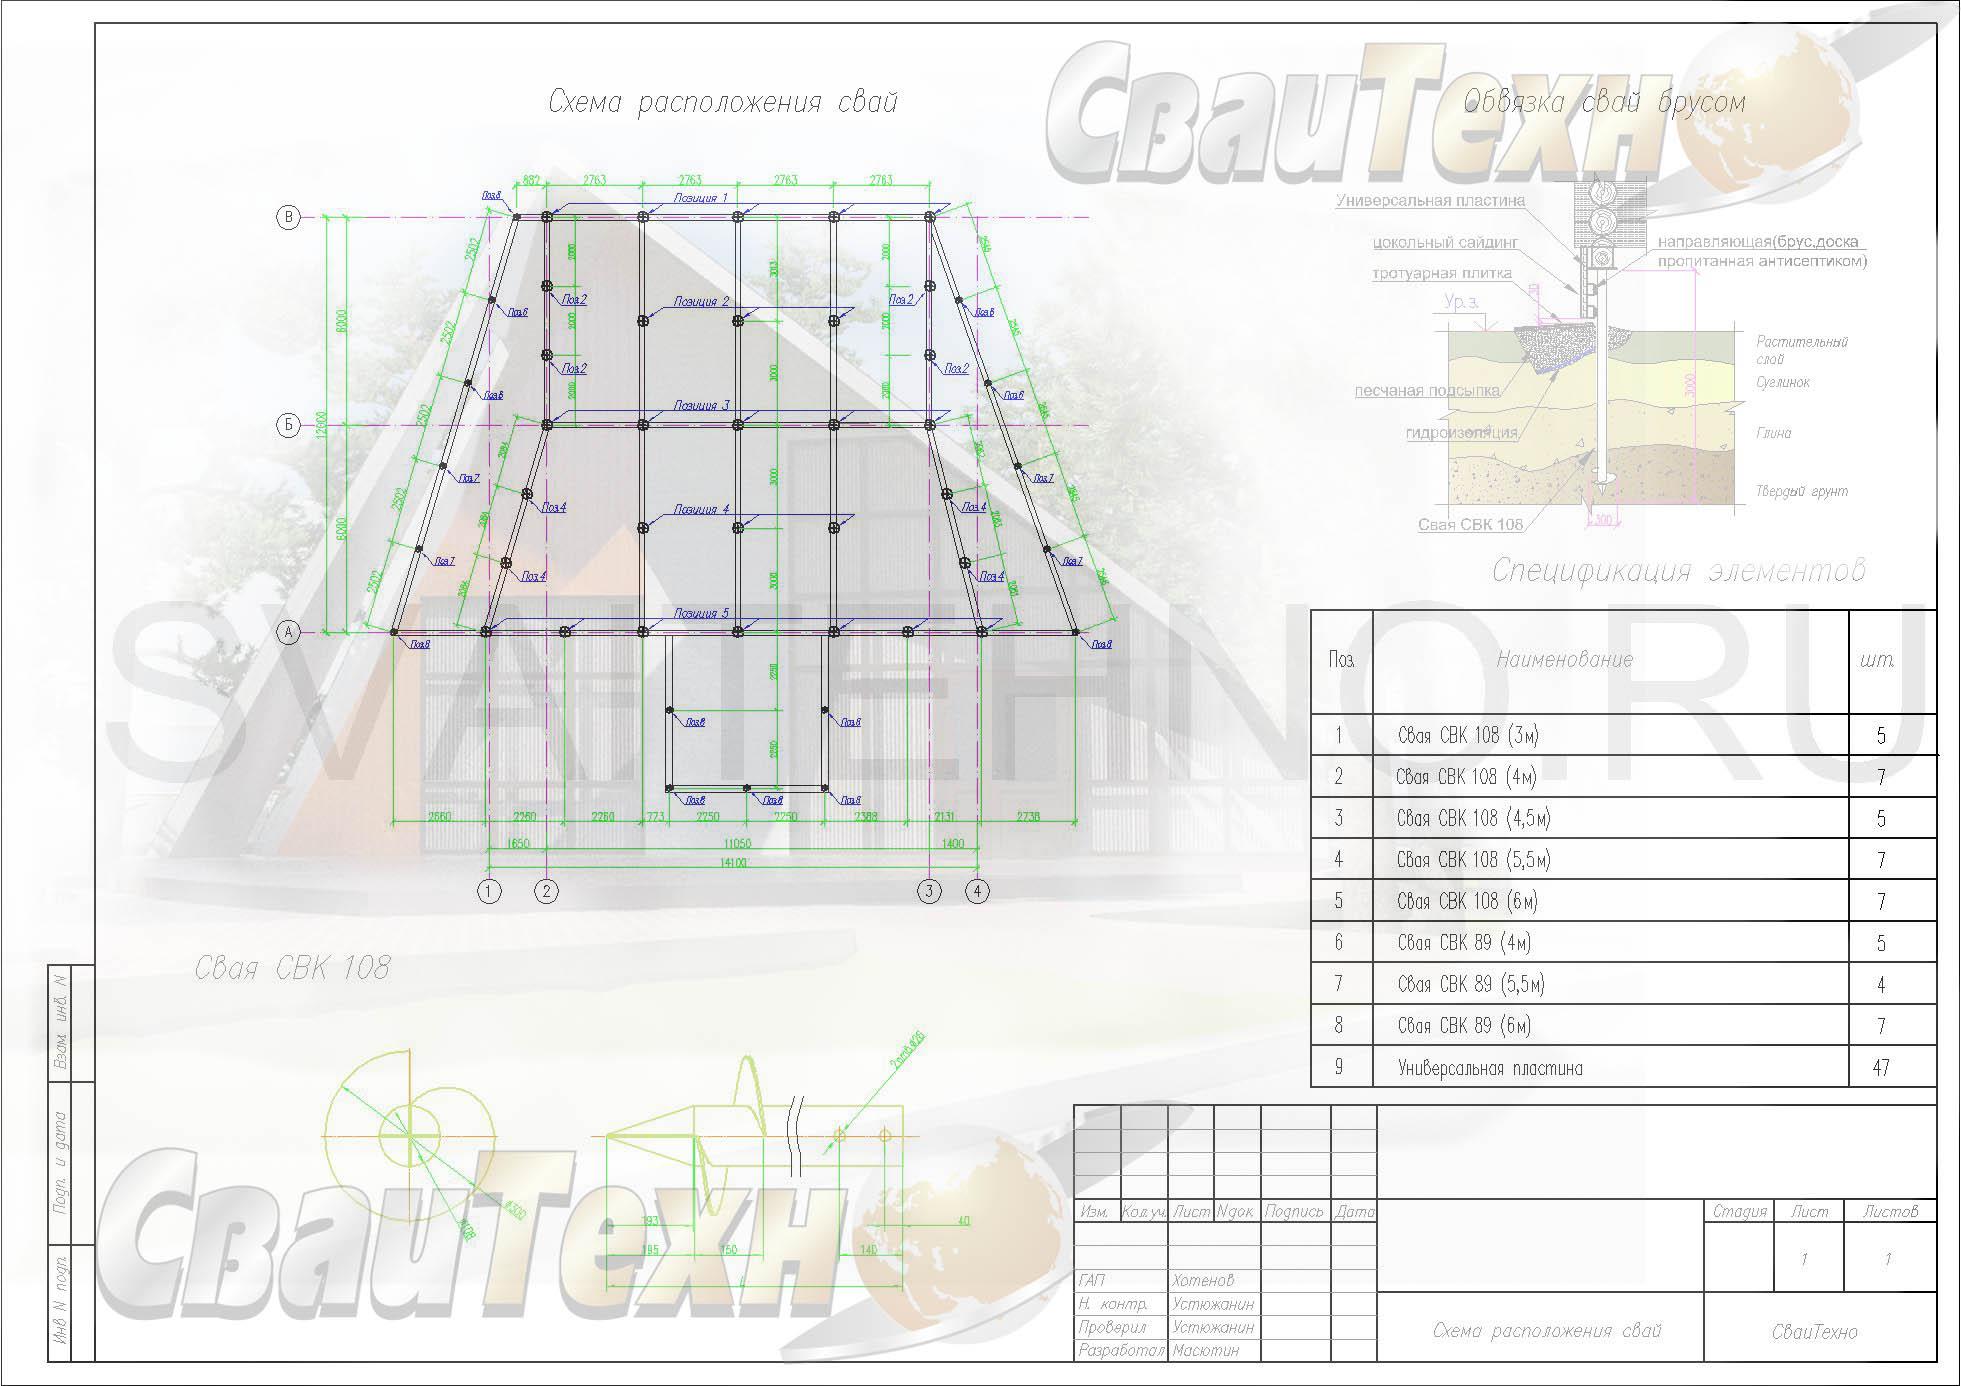 Схема расположения свай для строительства гостевого дома